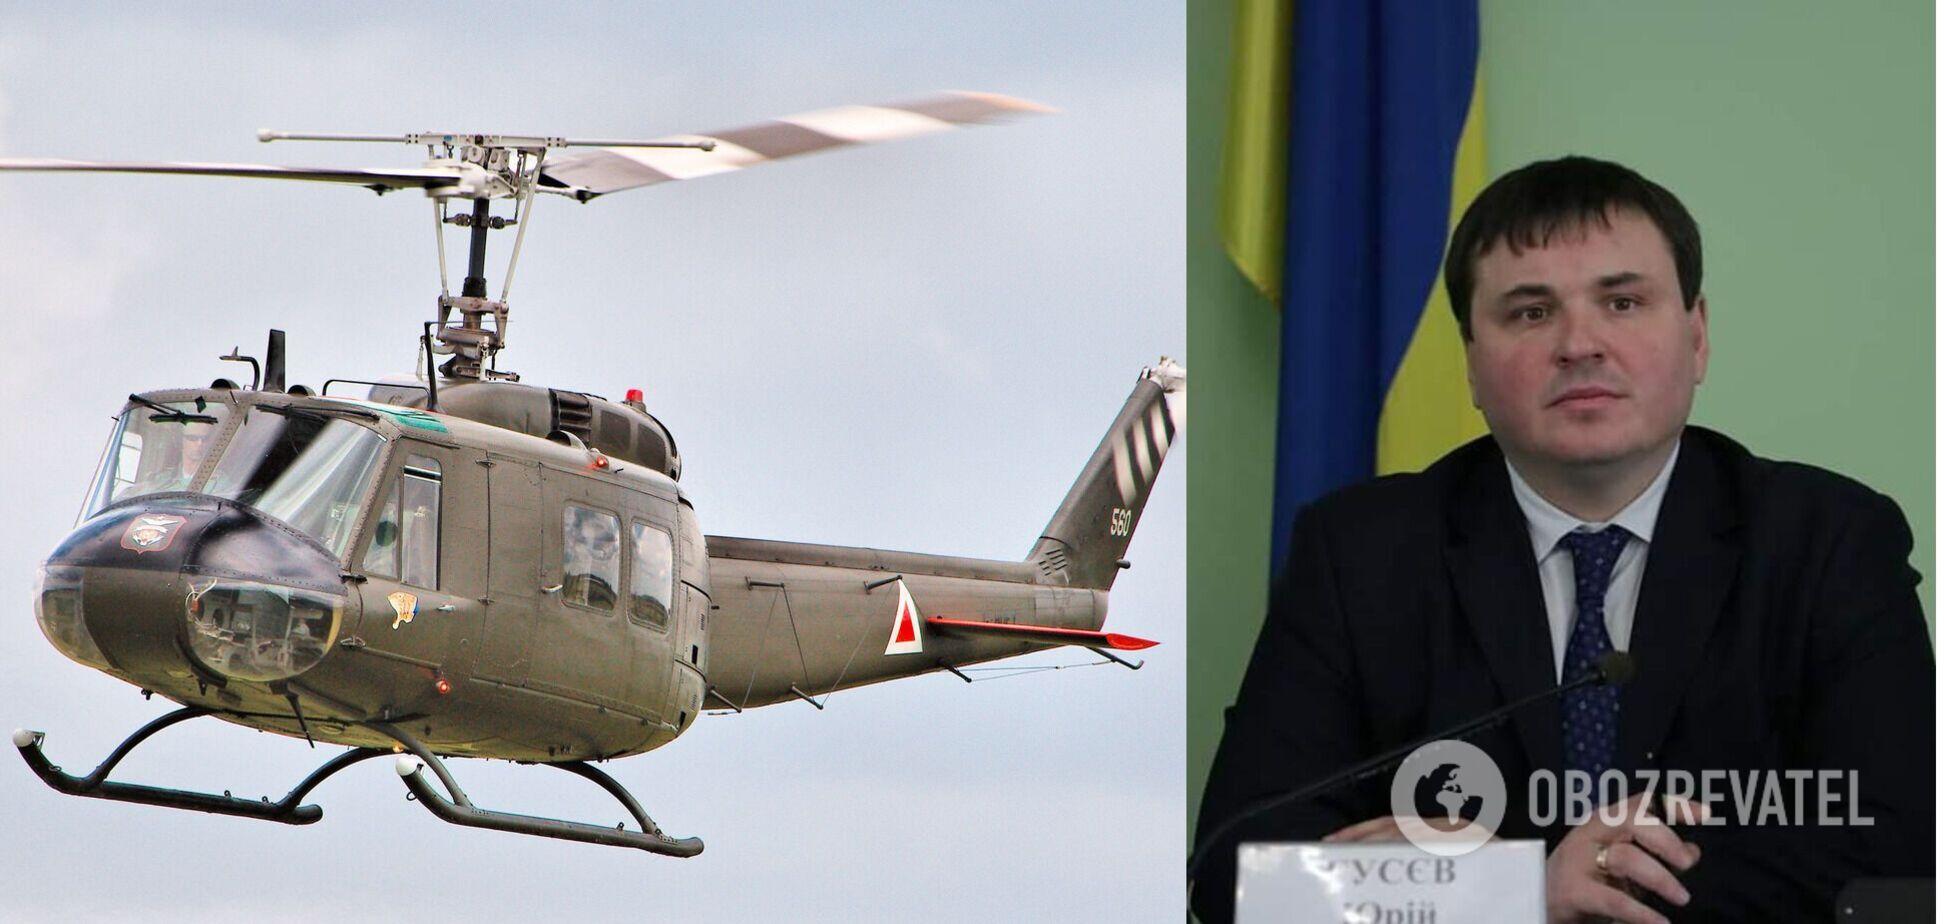 Міжнародний скандал з гендиректором 'Укроборонпрому': вигадані люди, фантомні вертольоти, кілотонни брехні